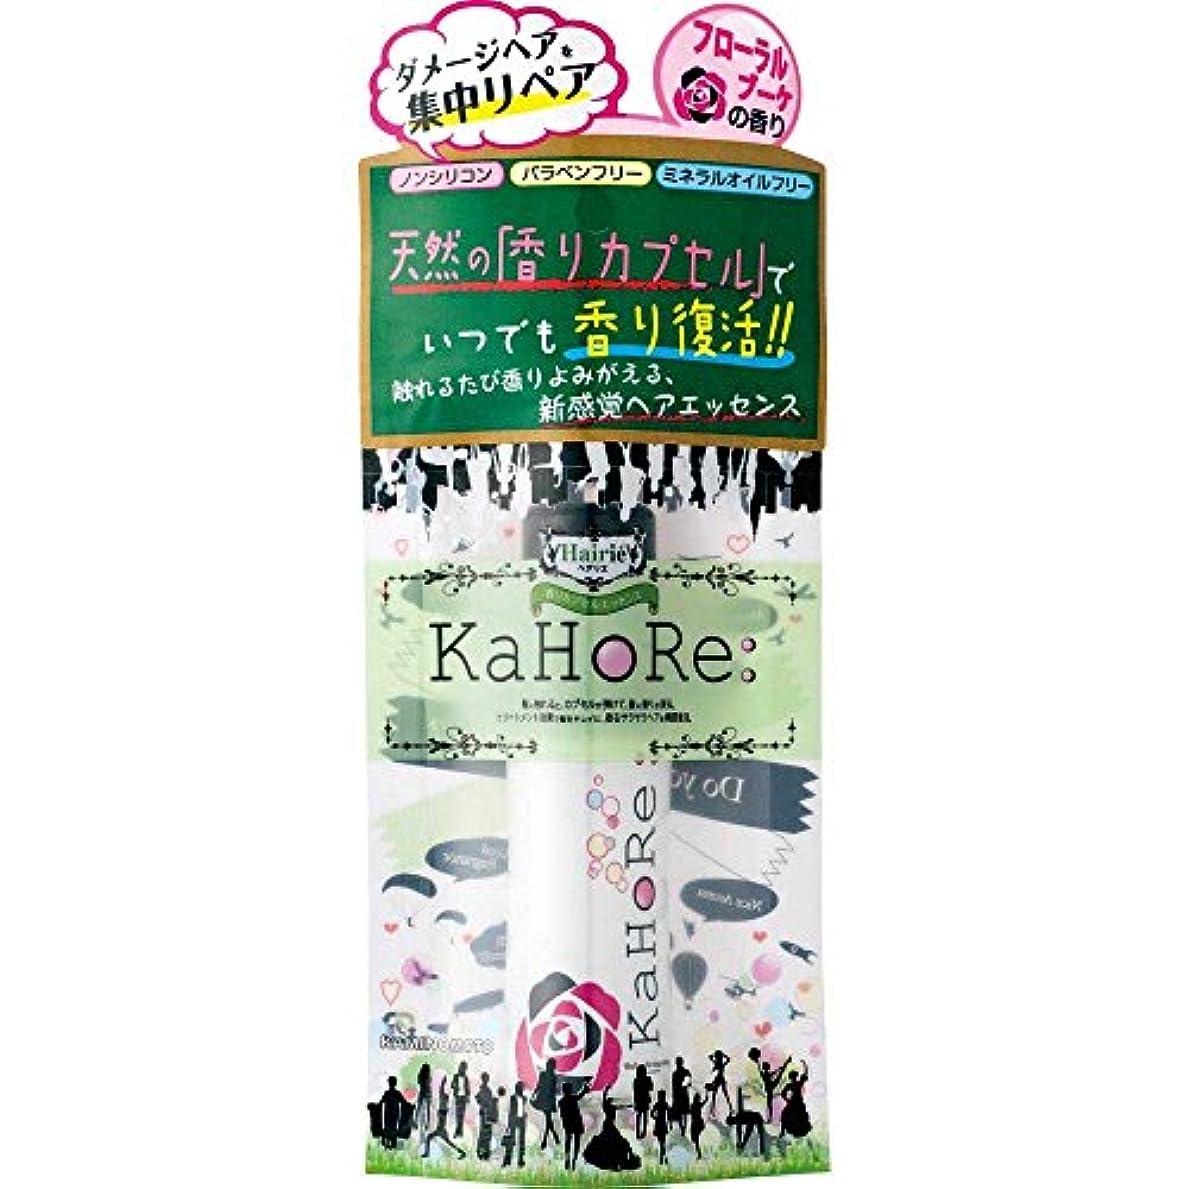 ヘアリエ KaHoRe ヘアエッセンス フローラルブーケの香り 30g